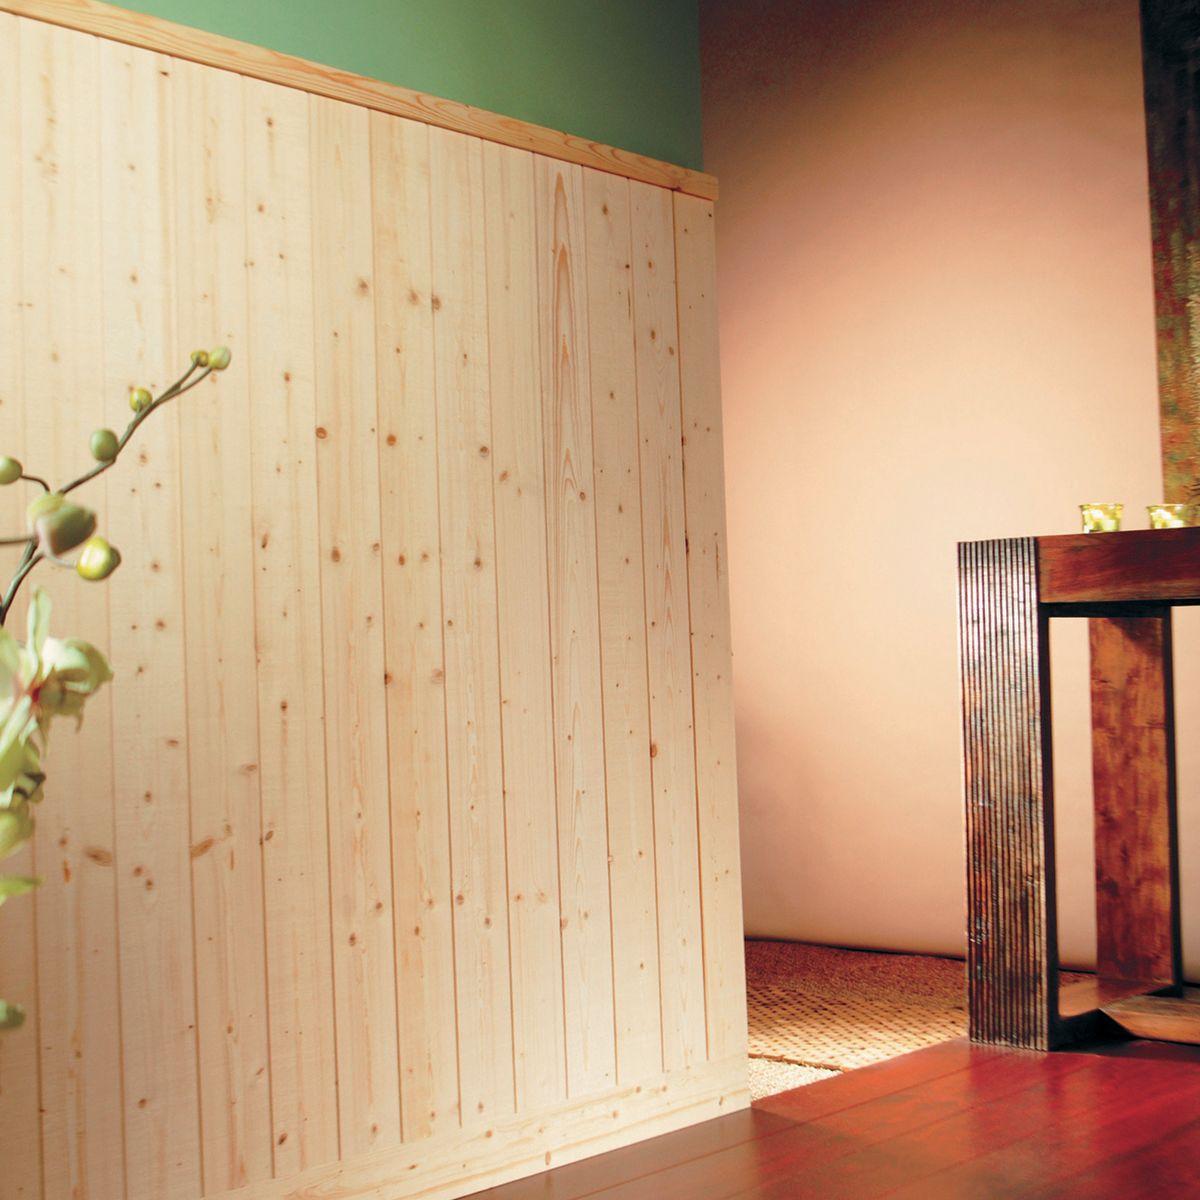 Doghettato in legno per pareti simple doghe in legno per for Pannelli boiserie leroy merlin